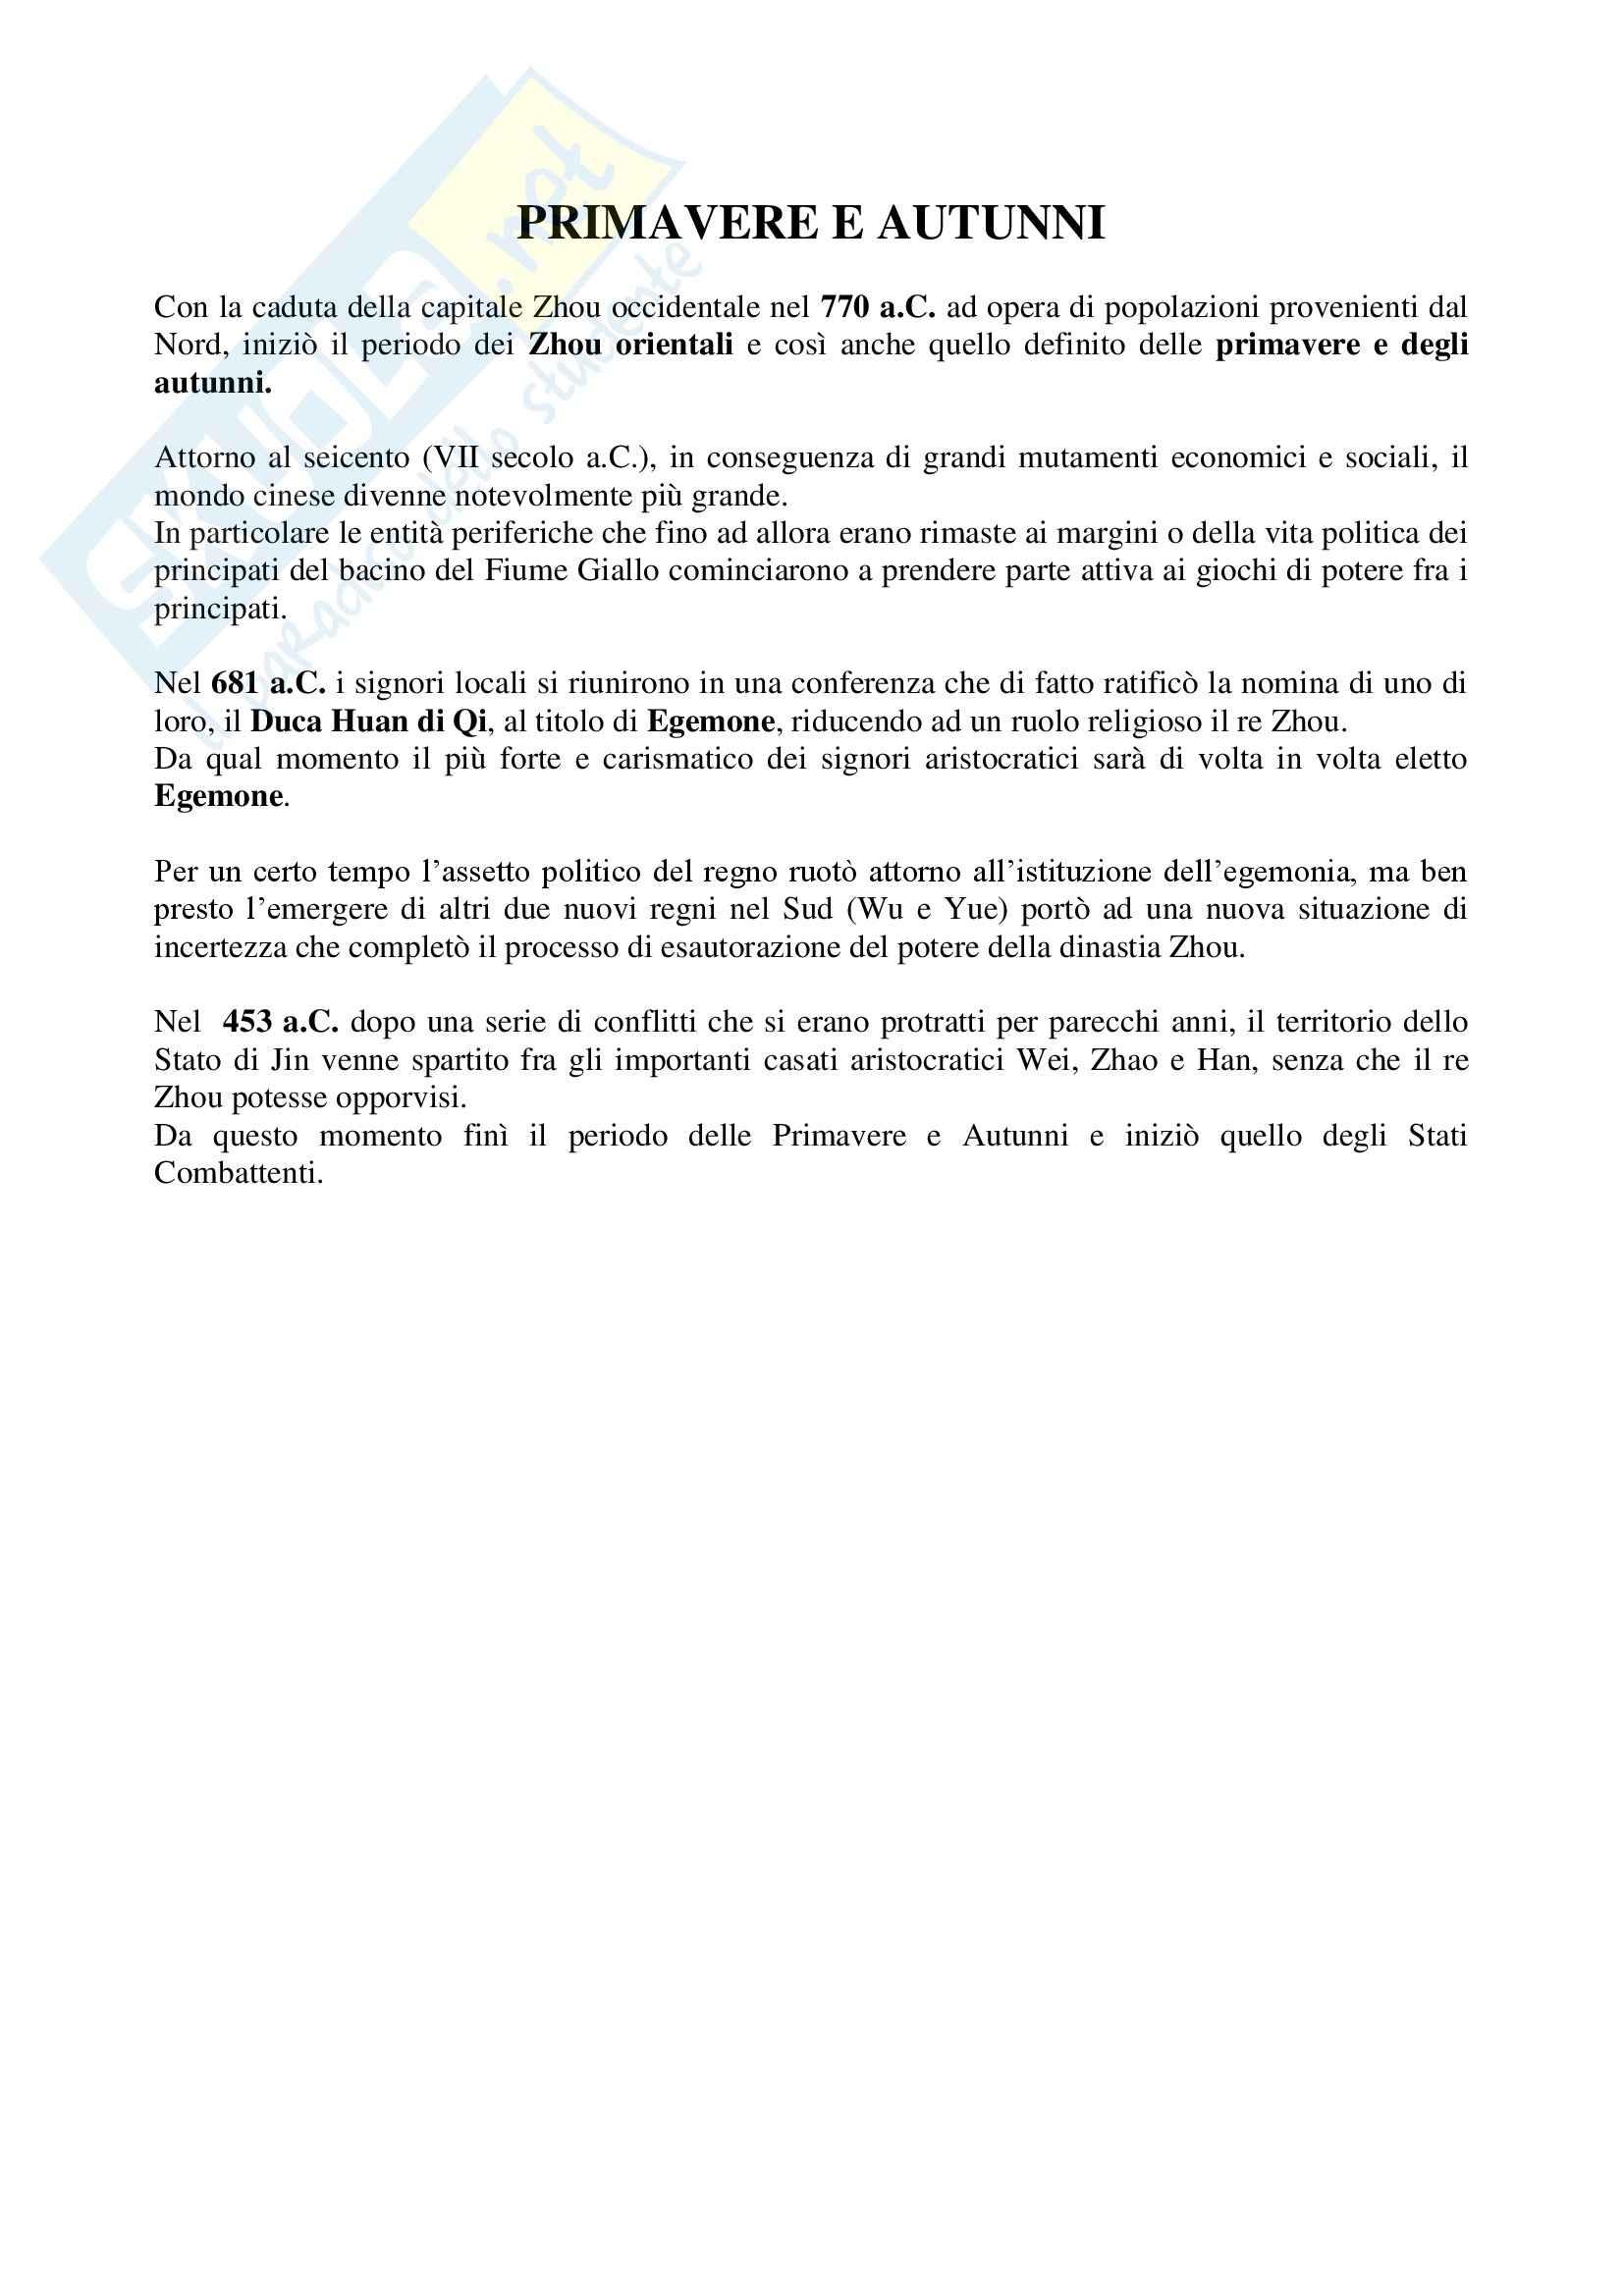 Riassunto esame Storia della Cina, prof. Guida, libro consigliato Cina, una storia millenaria, Vogelsang Pag. 6